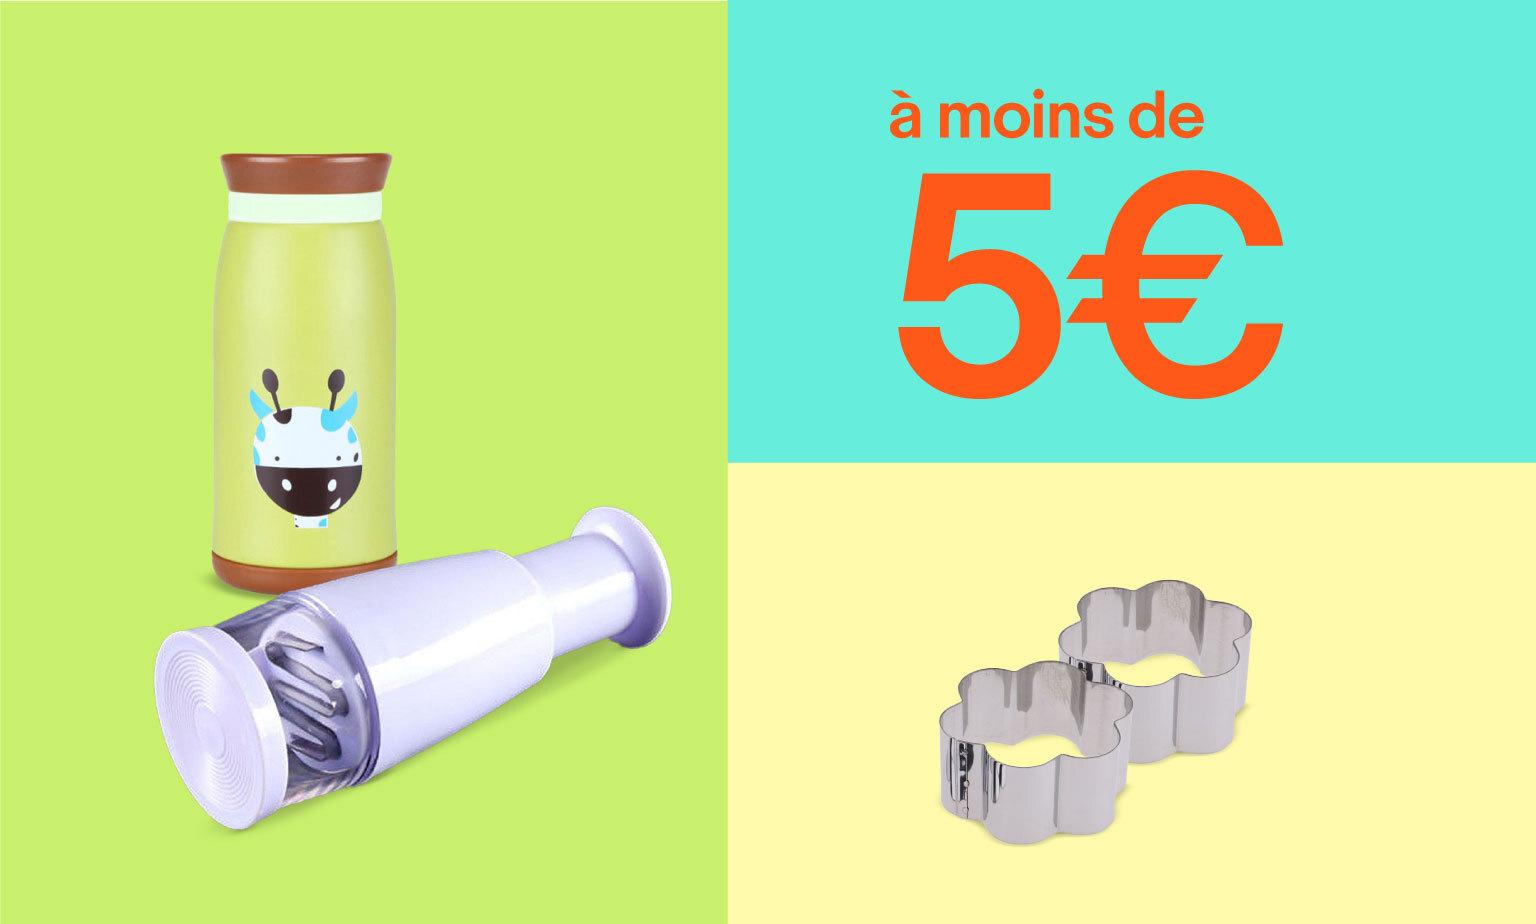 Ustensiles de cuisine à moins de 5€